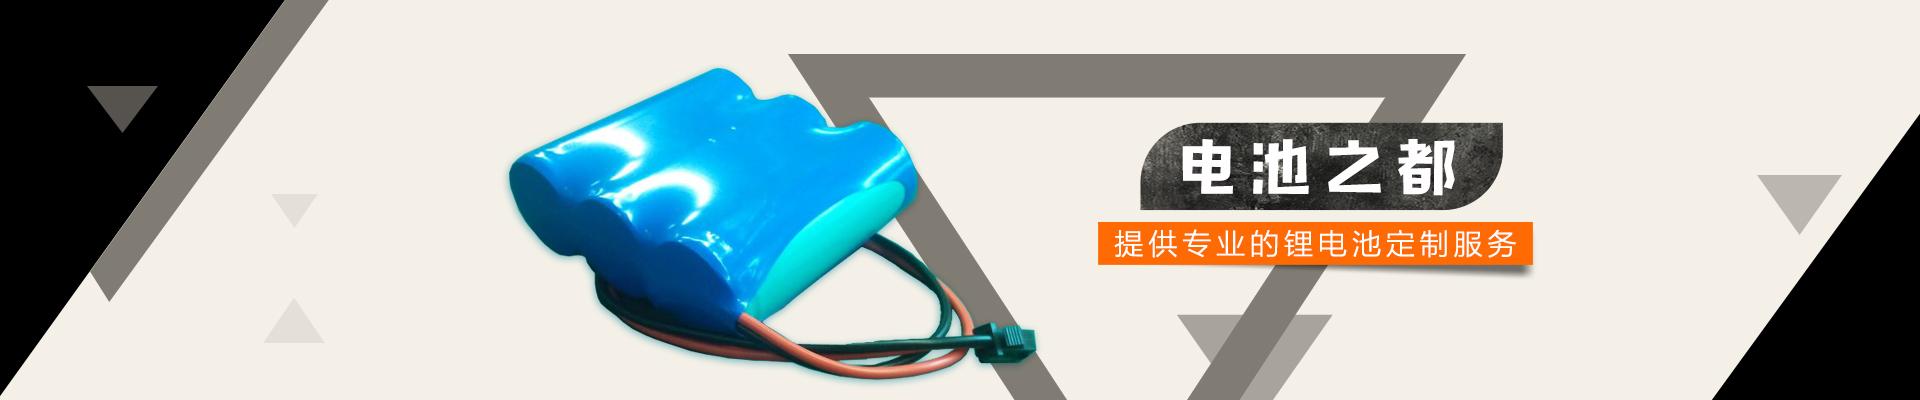 淘彩淘彩官网系列产品展示